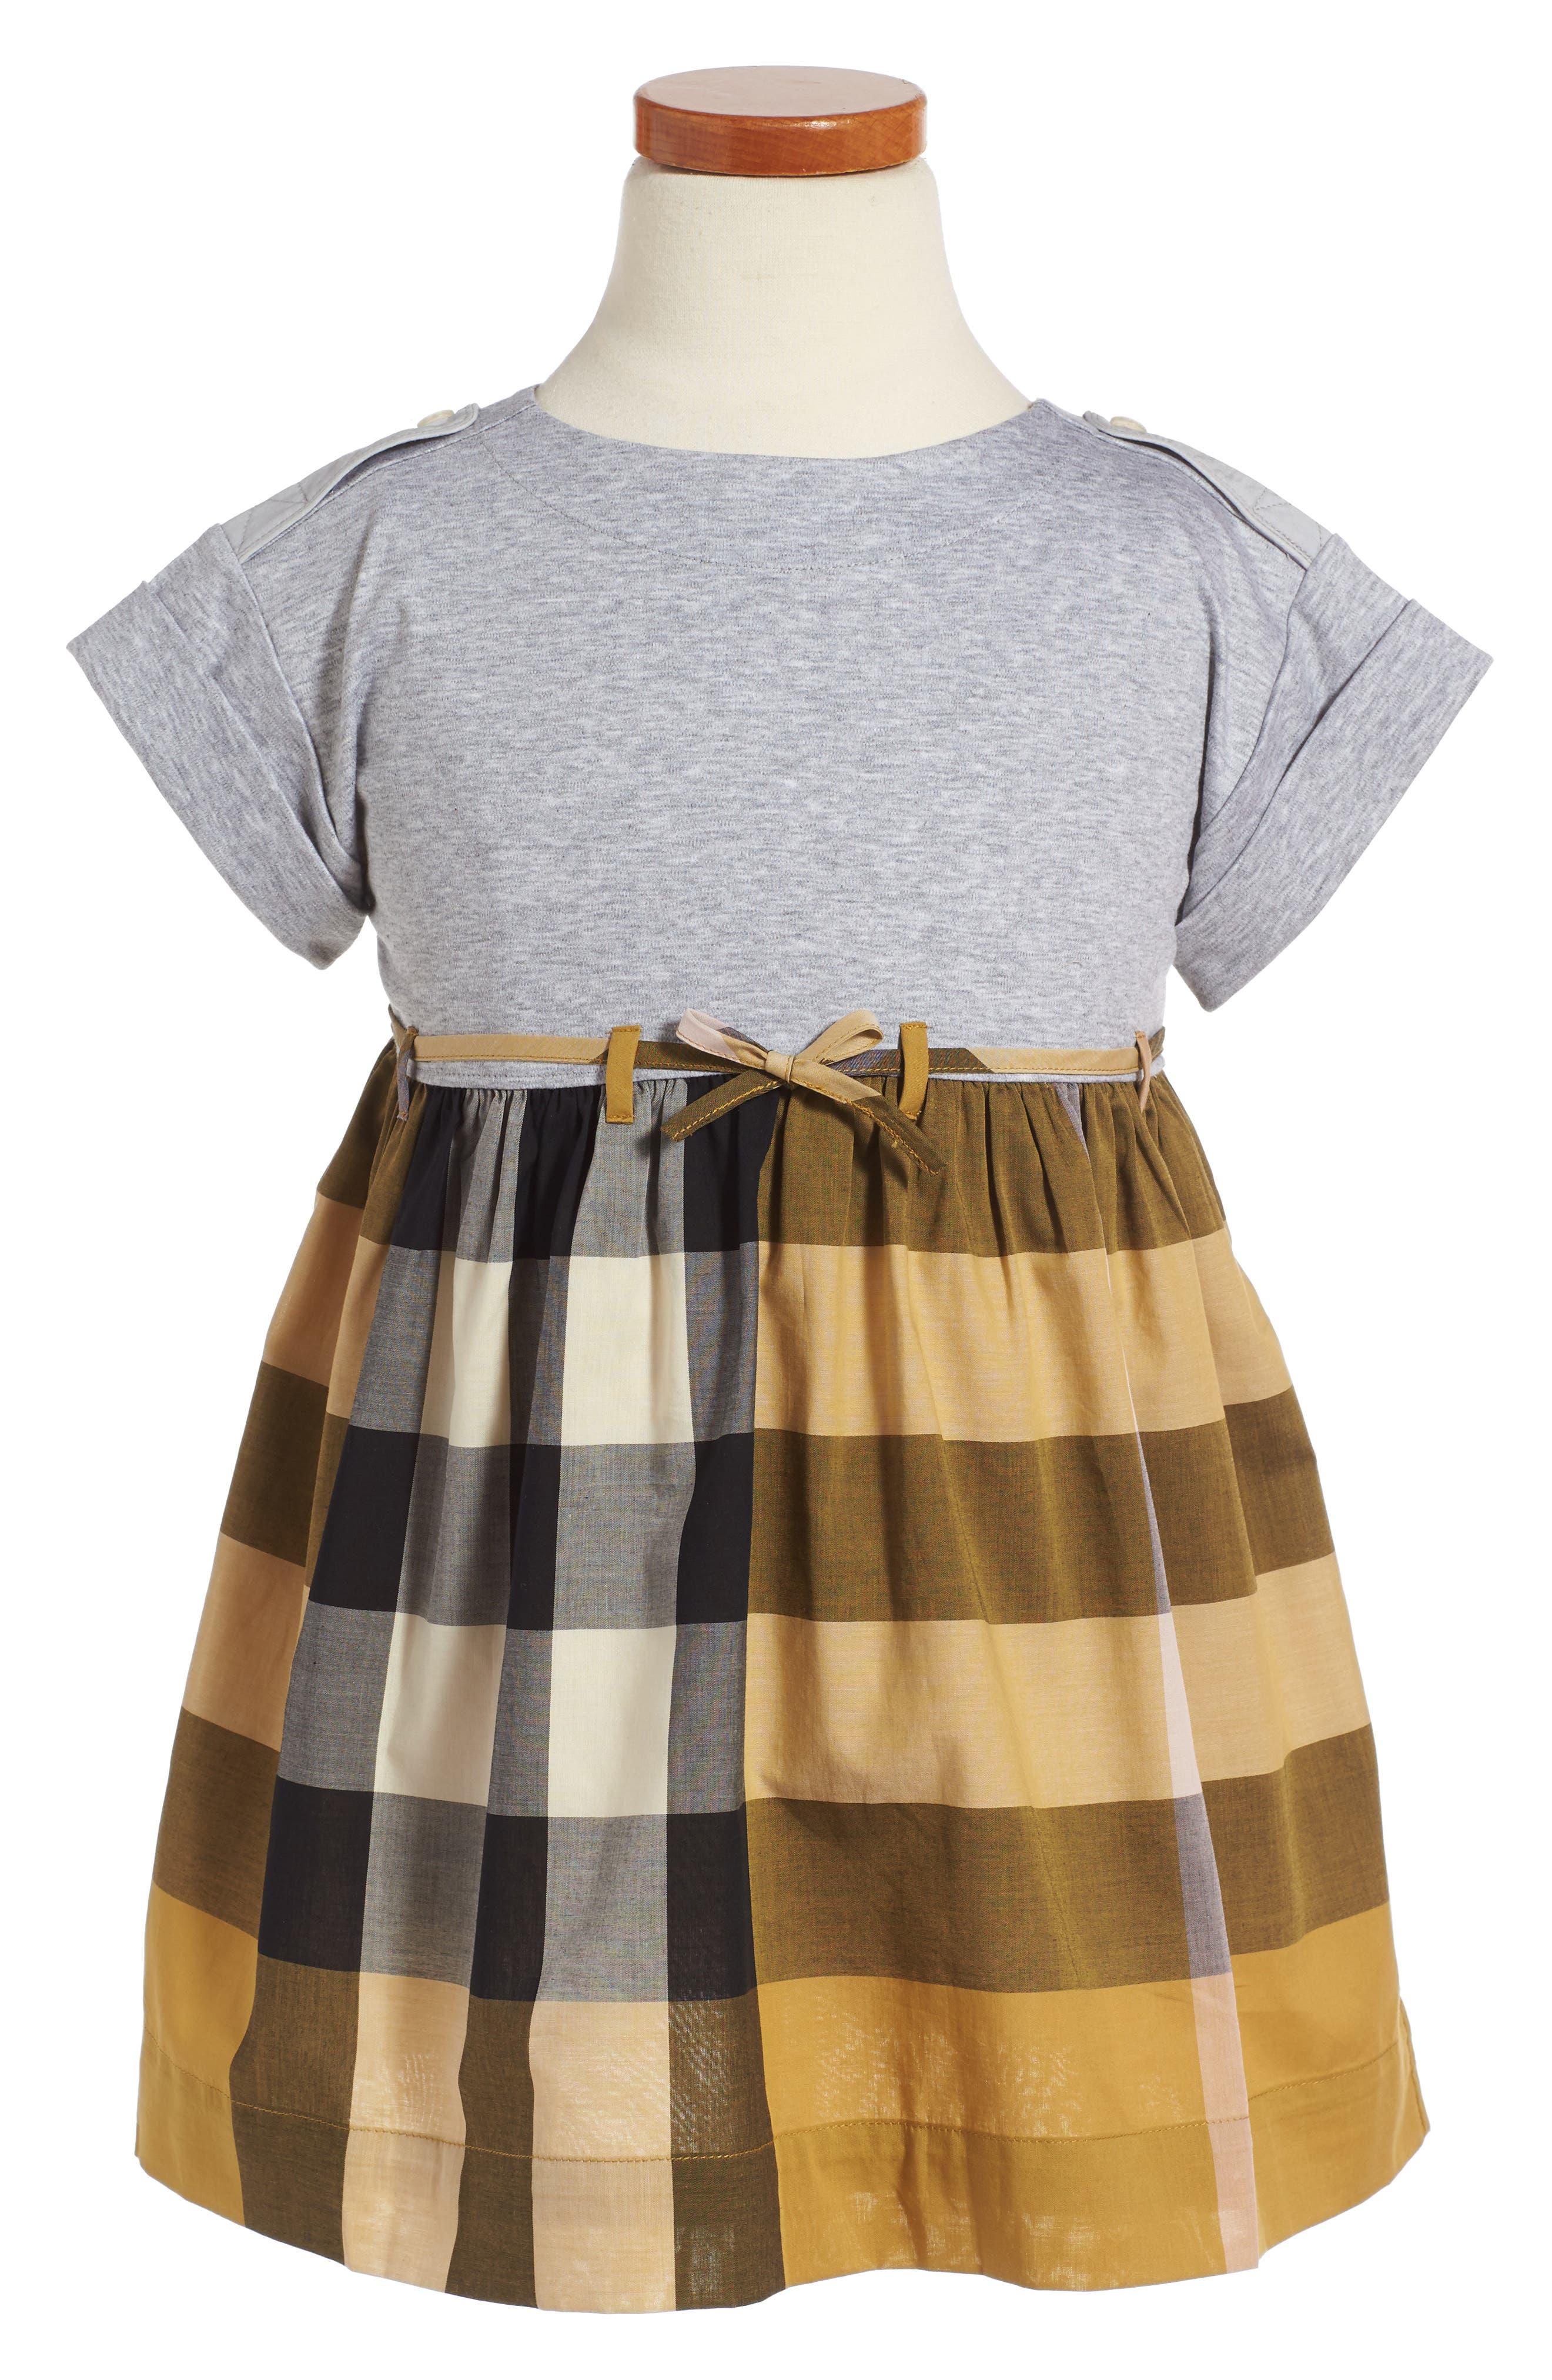 Rhonda Check Dress,                             Main thumbnail 1, color,                             704